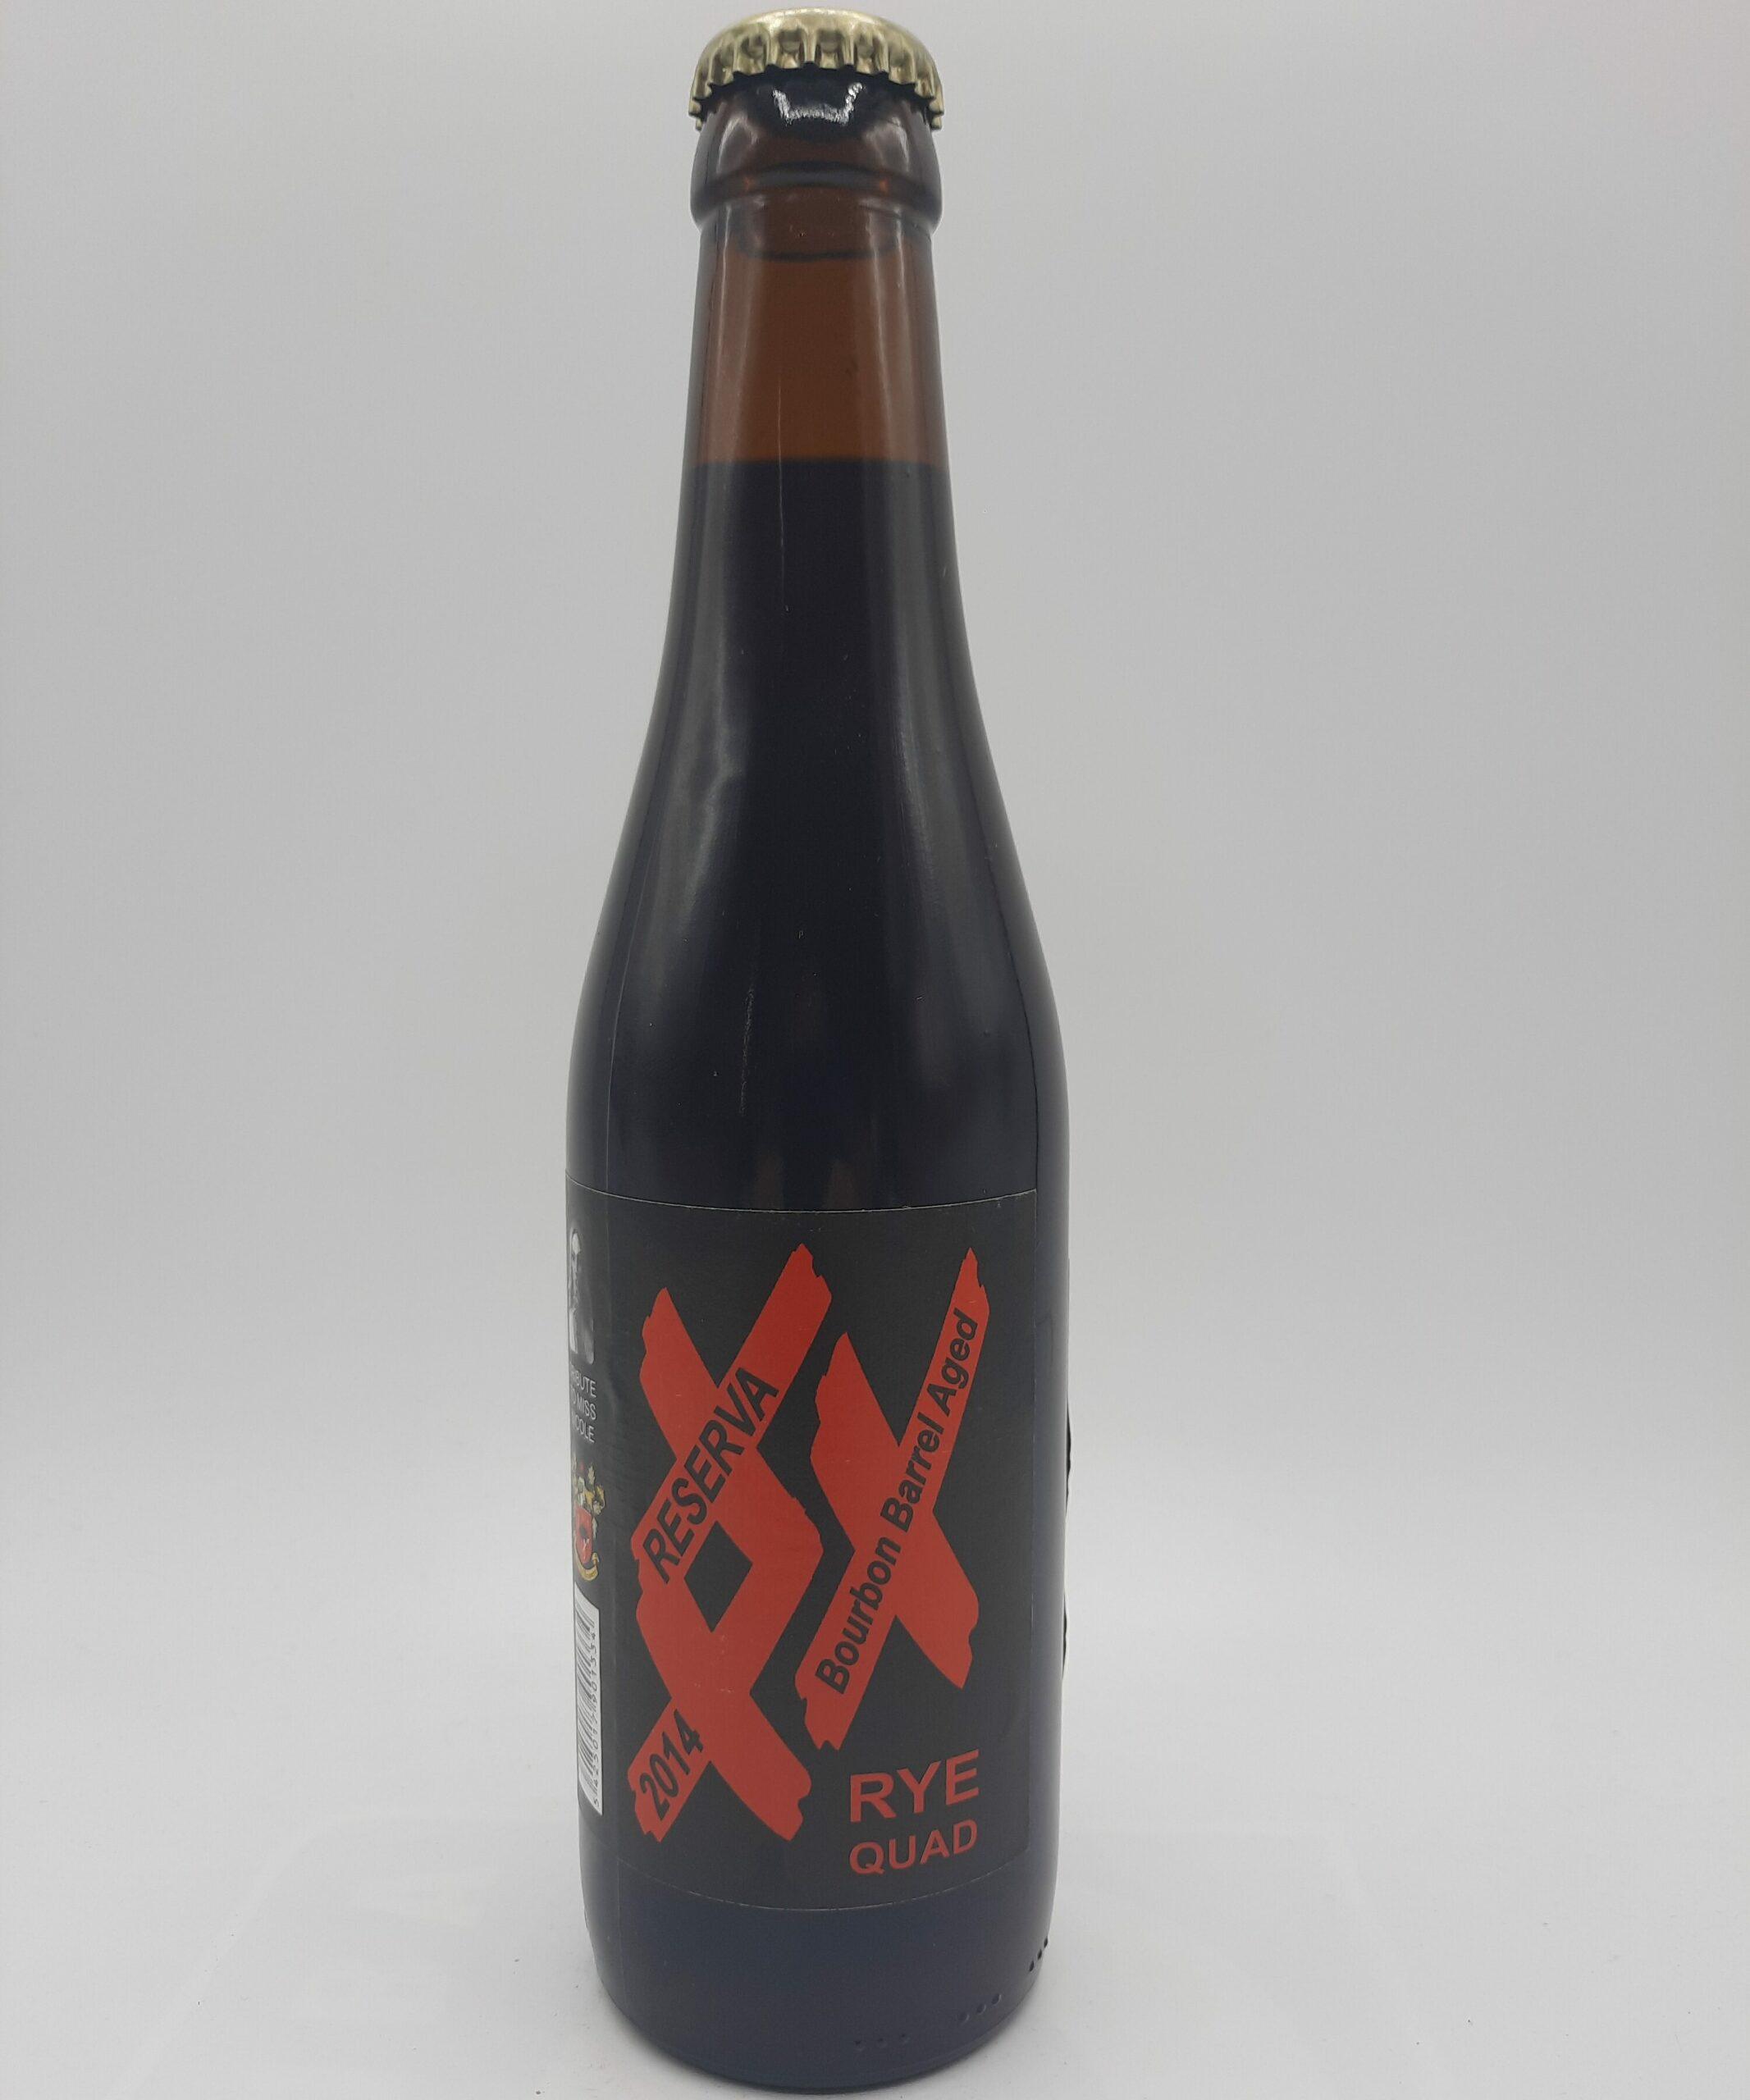 Img XXX Rye Quad Bourbon BA 2014